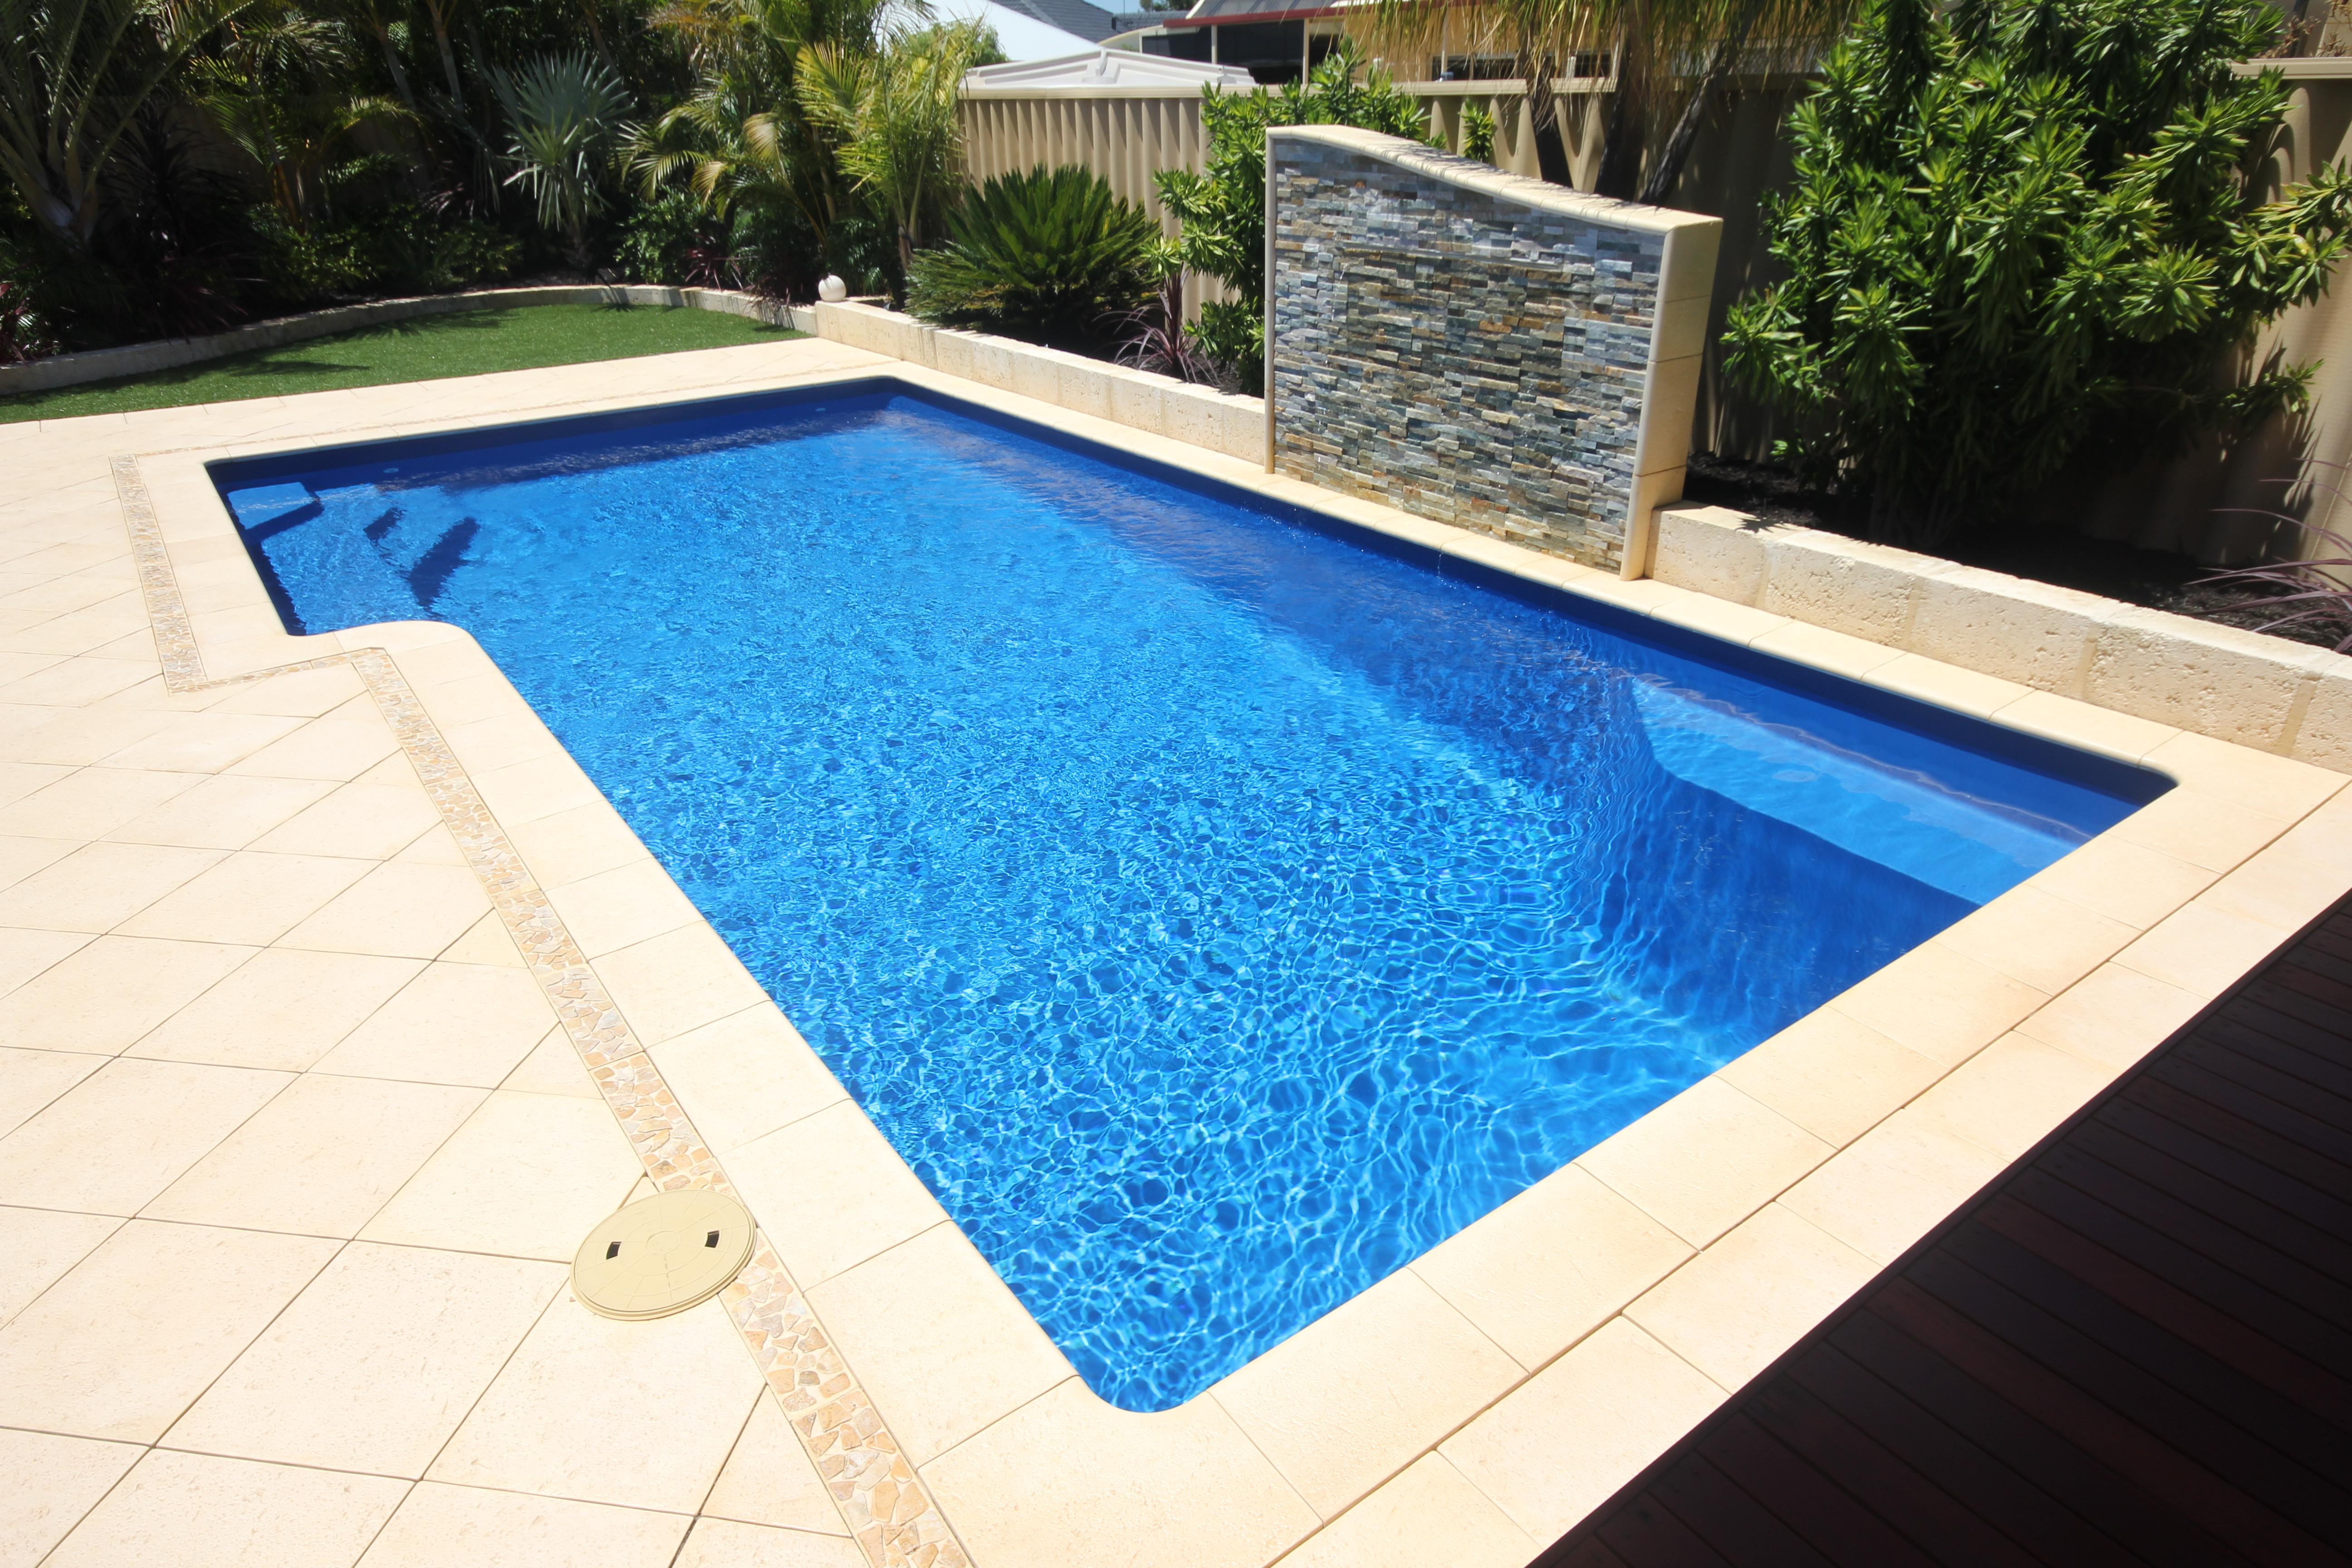 Panama Pool 8m X 4m Aqua Technics New Zealand